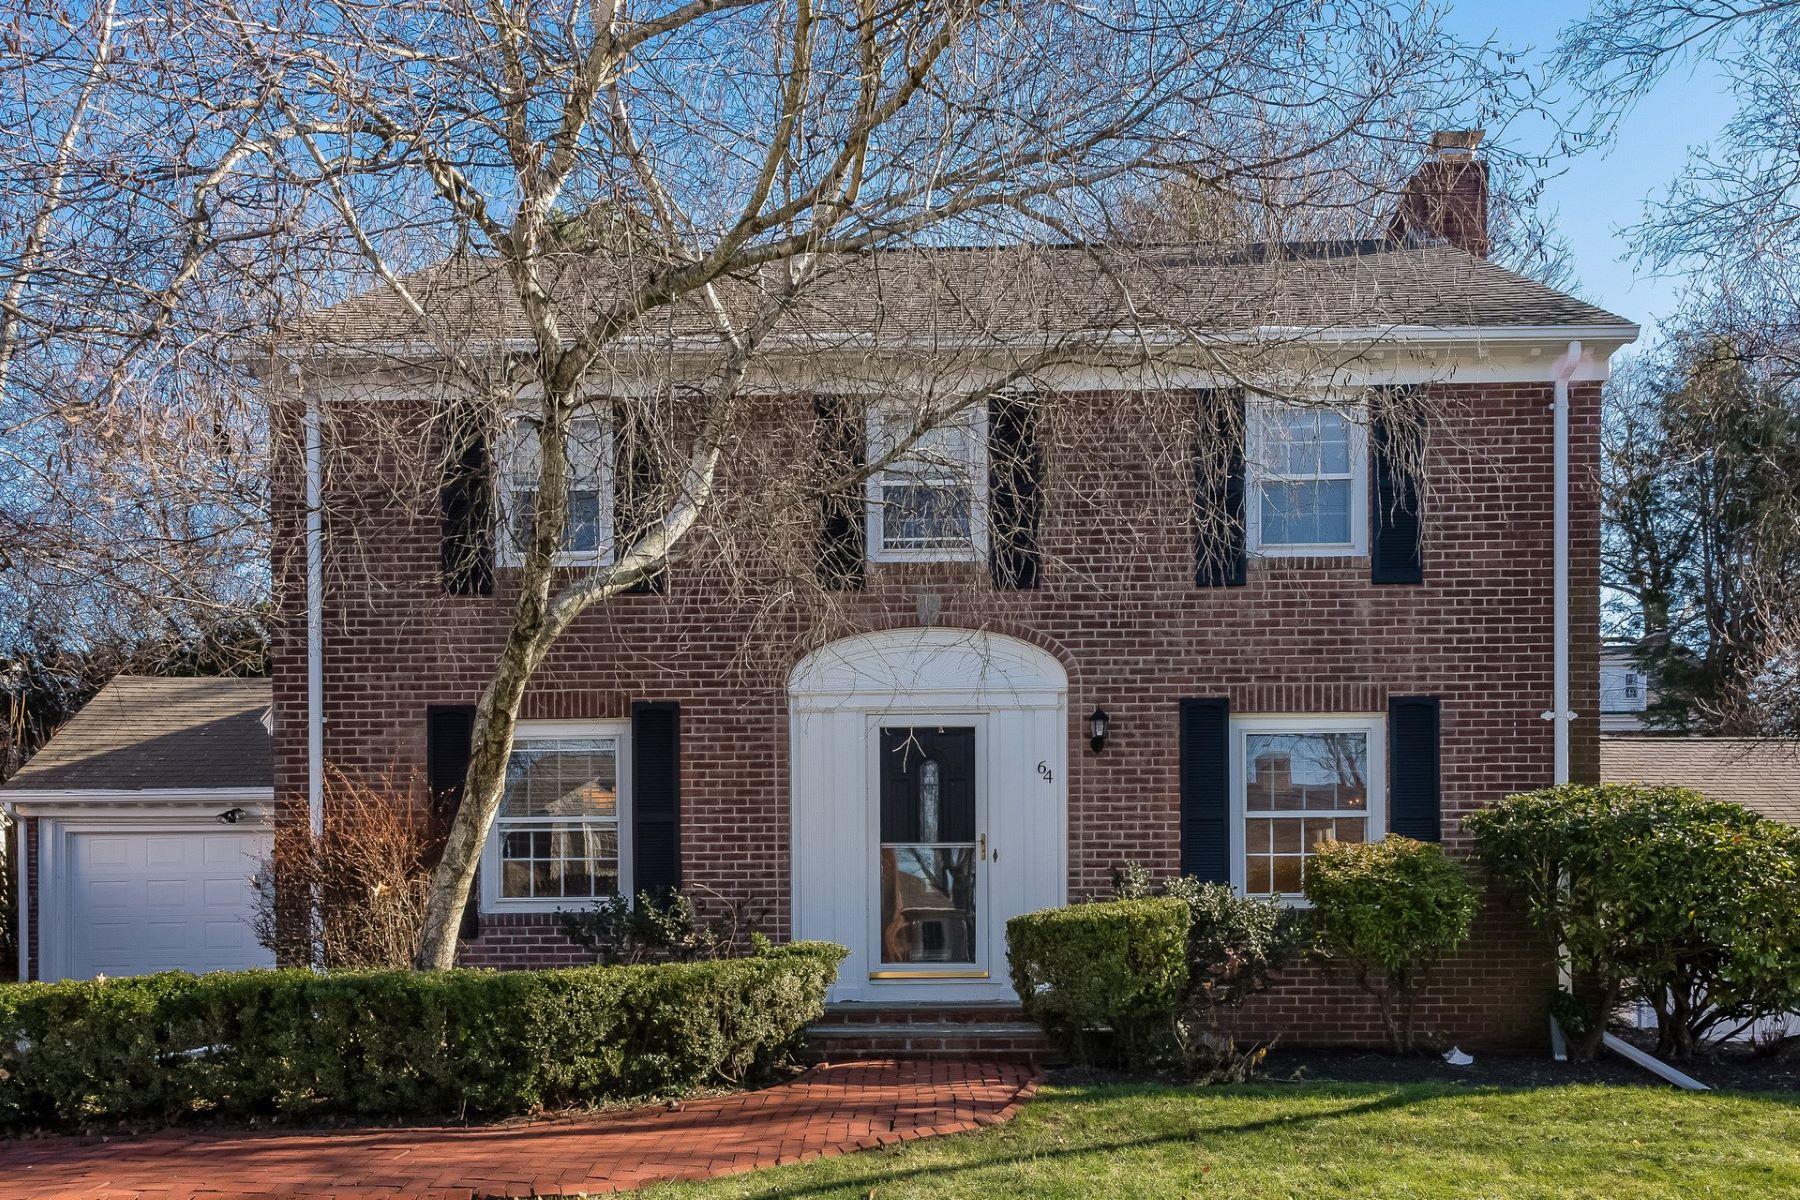 Eensgezinswoning voor Verkoop op 64 Capwell Av, Pawtucket, RI Pawtucket, Rhode Island 02860 Verenigde Staten